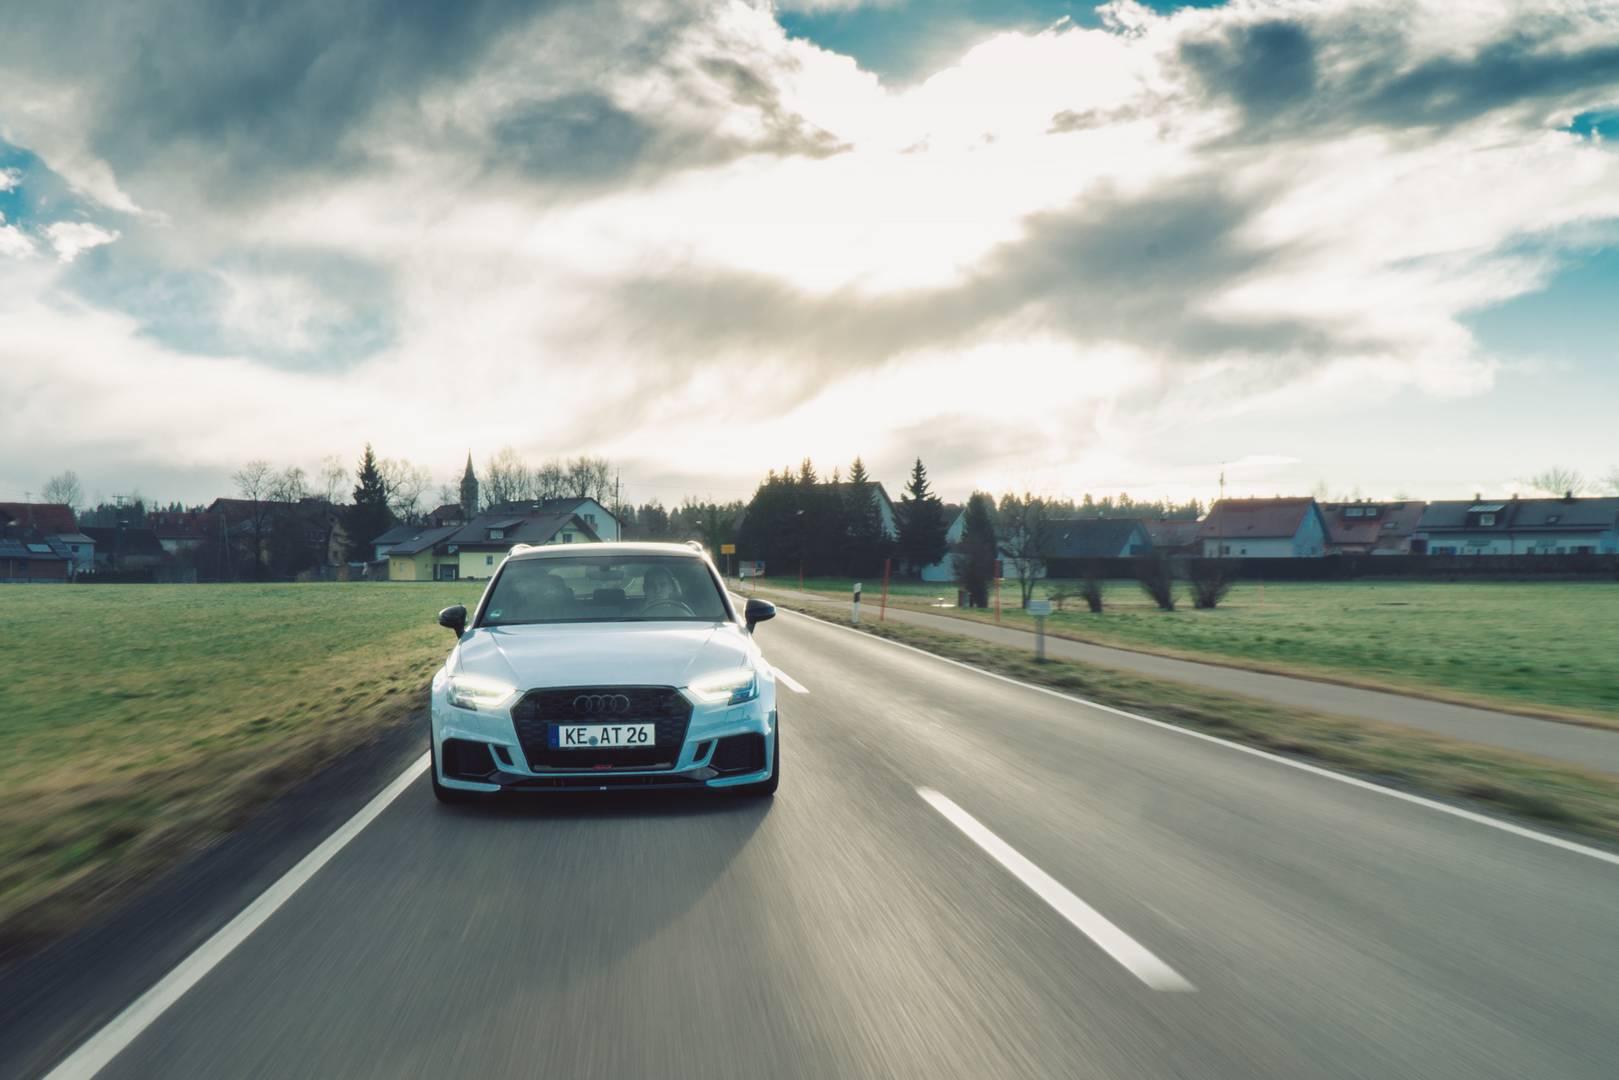 Комплект тормозов ABT также предлагается с 380-миллиметровыми дисками. ABT предлагает на выбор 19 и 20-дюймовые колеса с дизайном ABT DR, ER-C, ER-F или FR. Экстерьер ABT Audi RS3 Sportback получает набор глянцевых черных сплиттеров сзади и спереди,